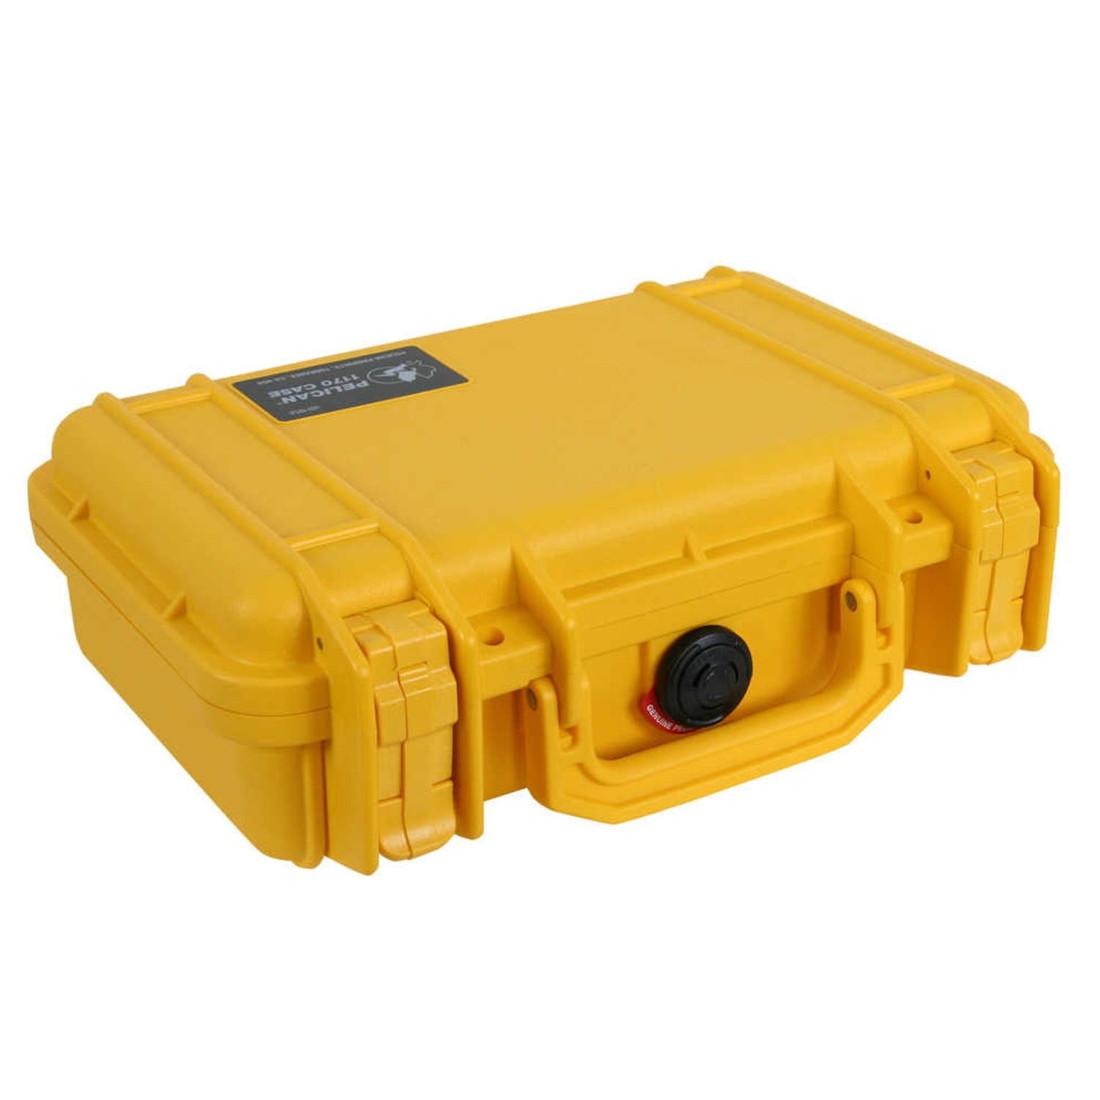 【自社在庫品】 ペリカン 1170フォームN 防水ケース フォーム付 PELICAN Waterproof Case 1170 WL/WF SILVER